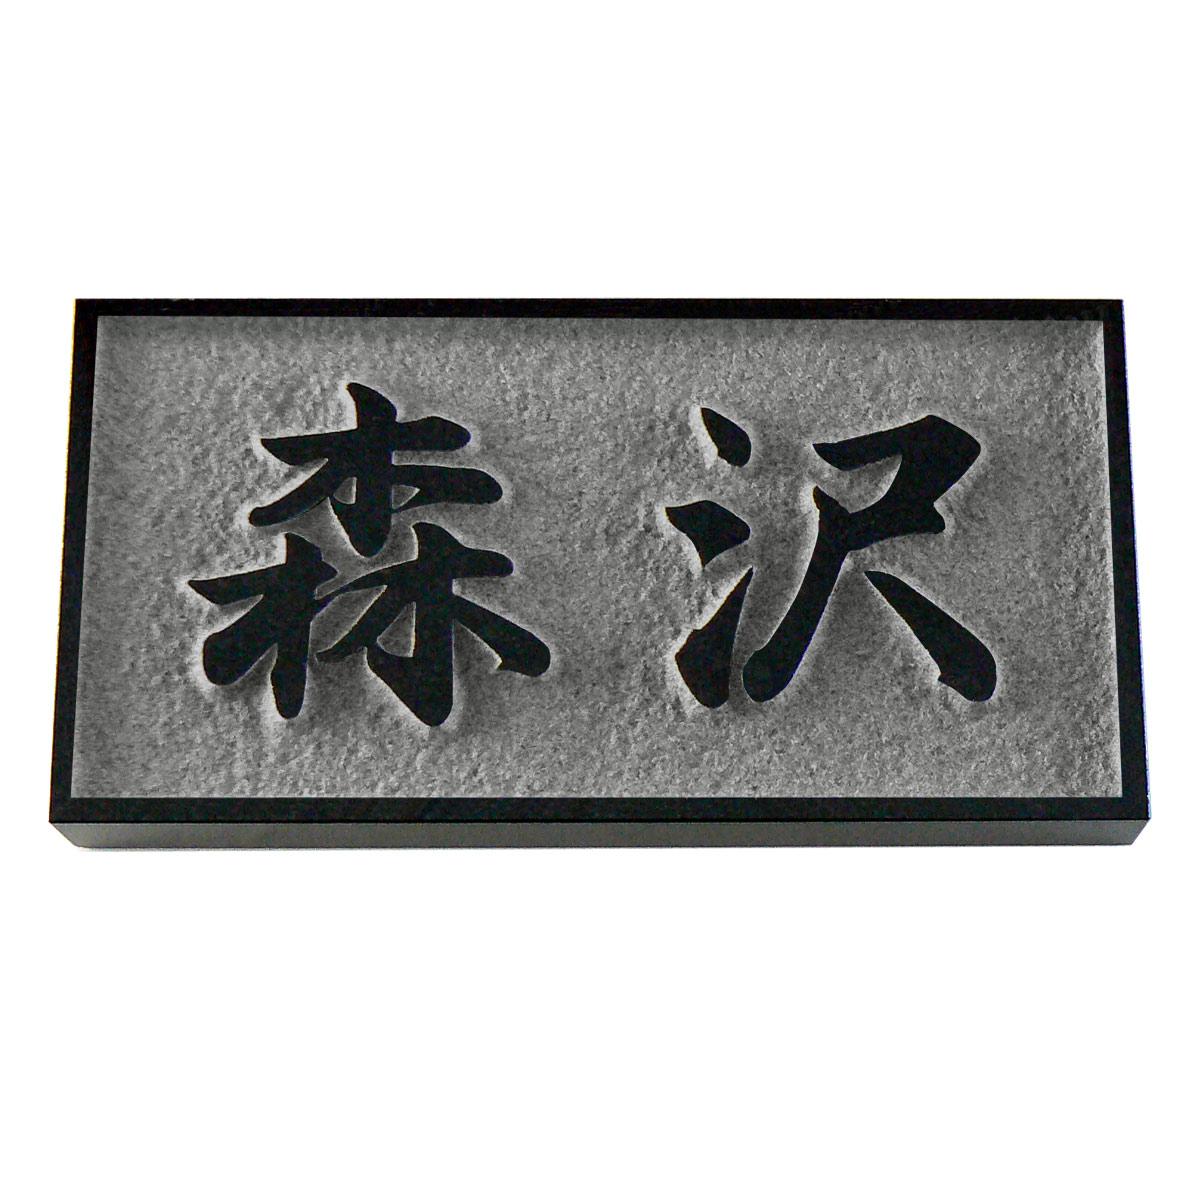 天然石スタンダード シンプルな石の表札黒御影石(浮き彫り)【送料無料】